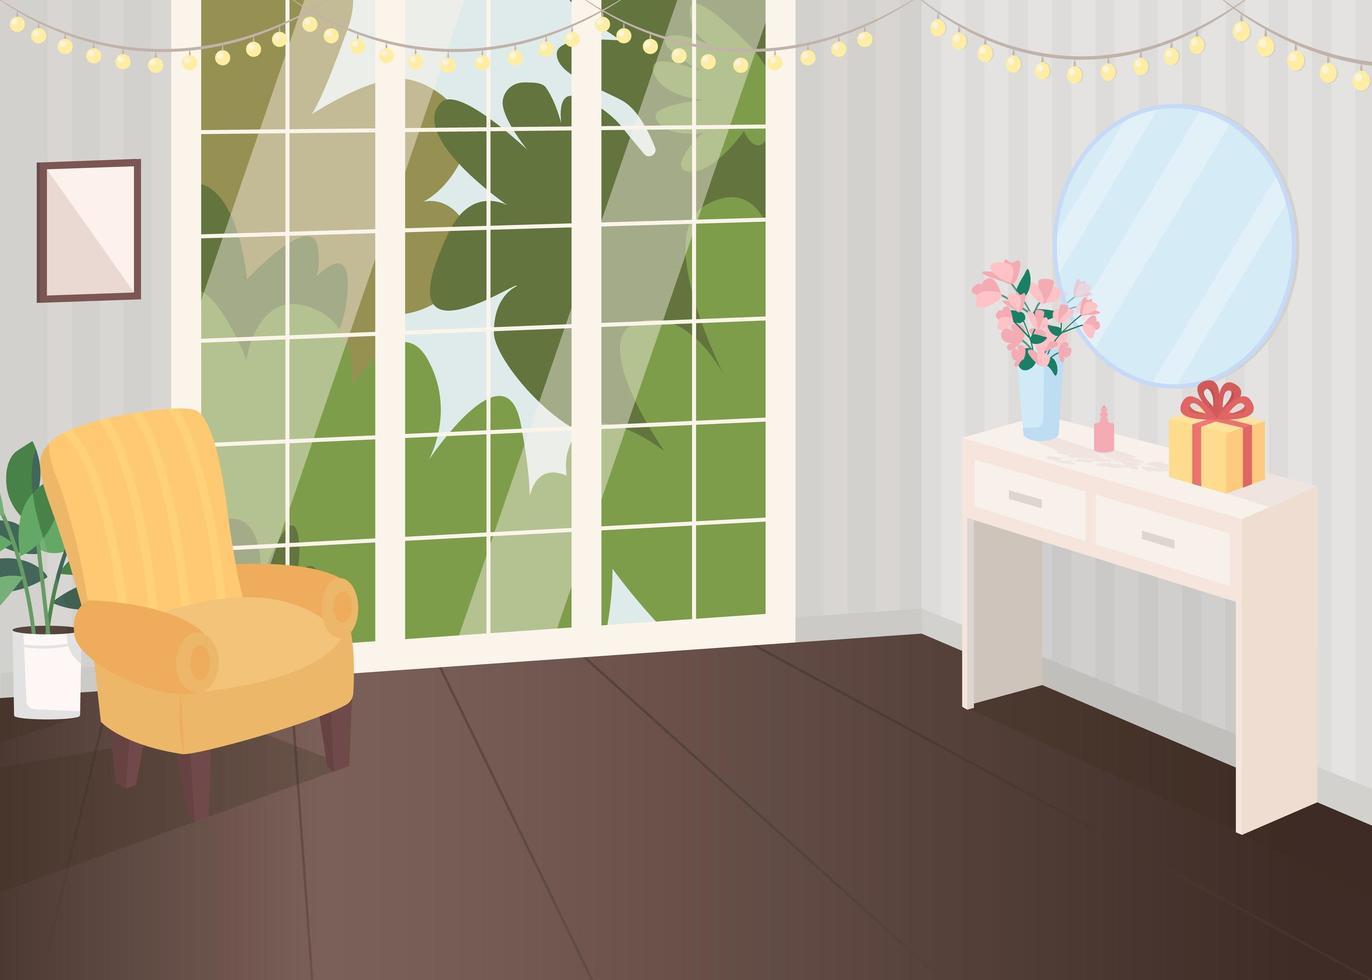 salle décorée de façon festive vecteur